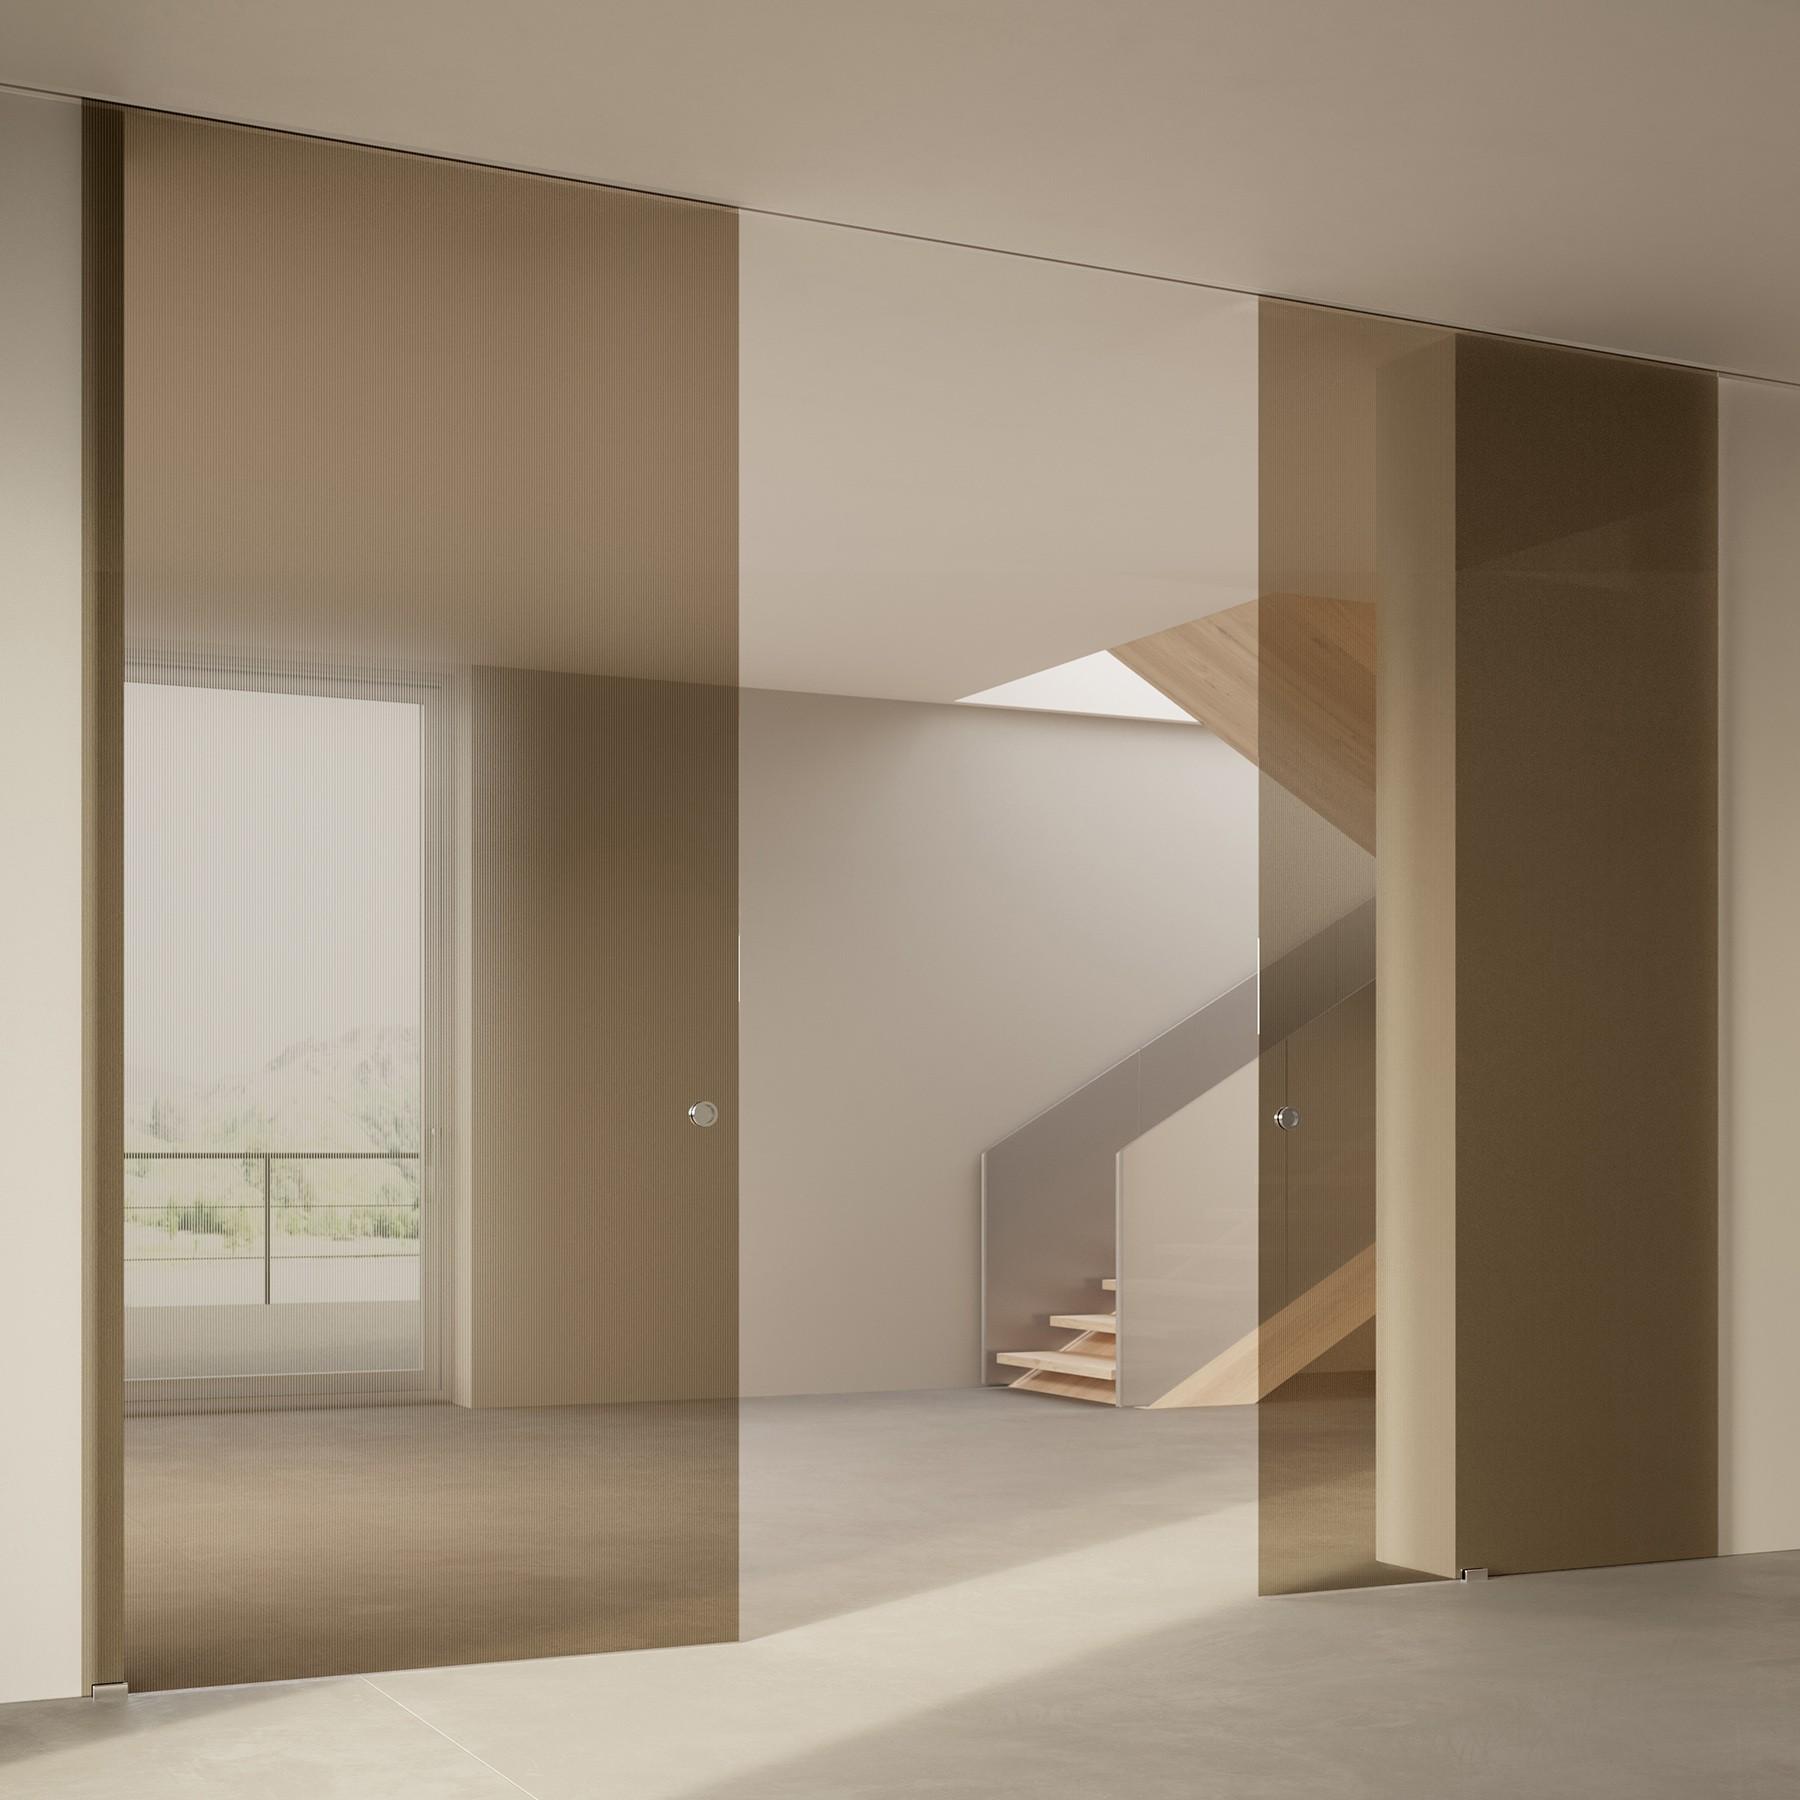 Scenario Visio Up with Chillout Trasparente Bronzo glass